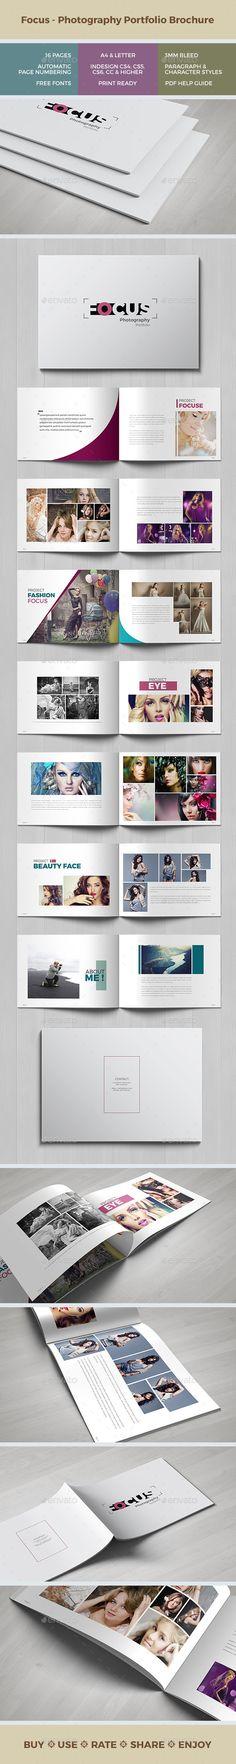 Focus - Multipurpose Portfolio Brochure